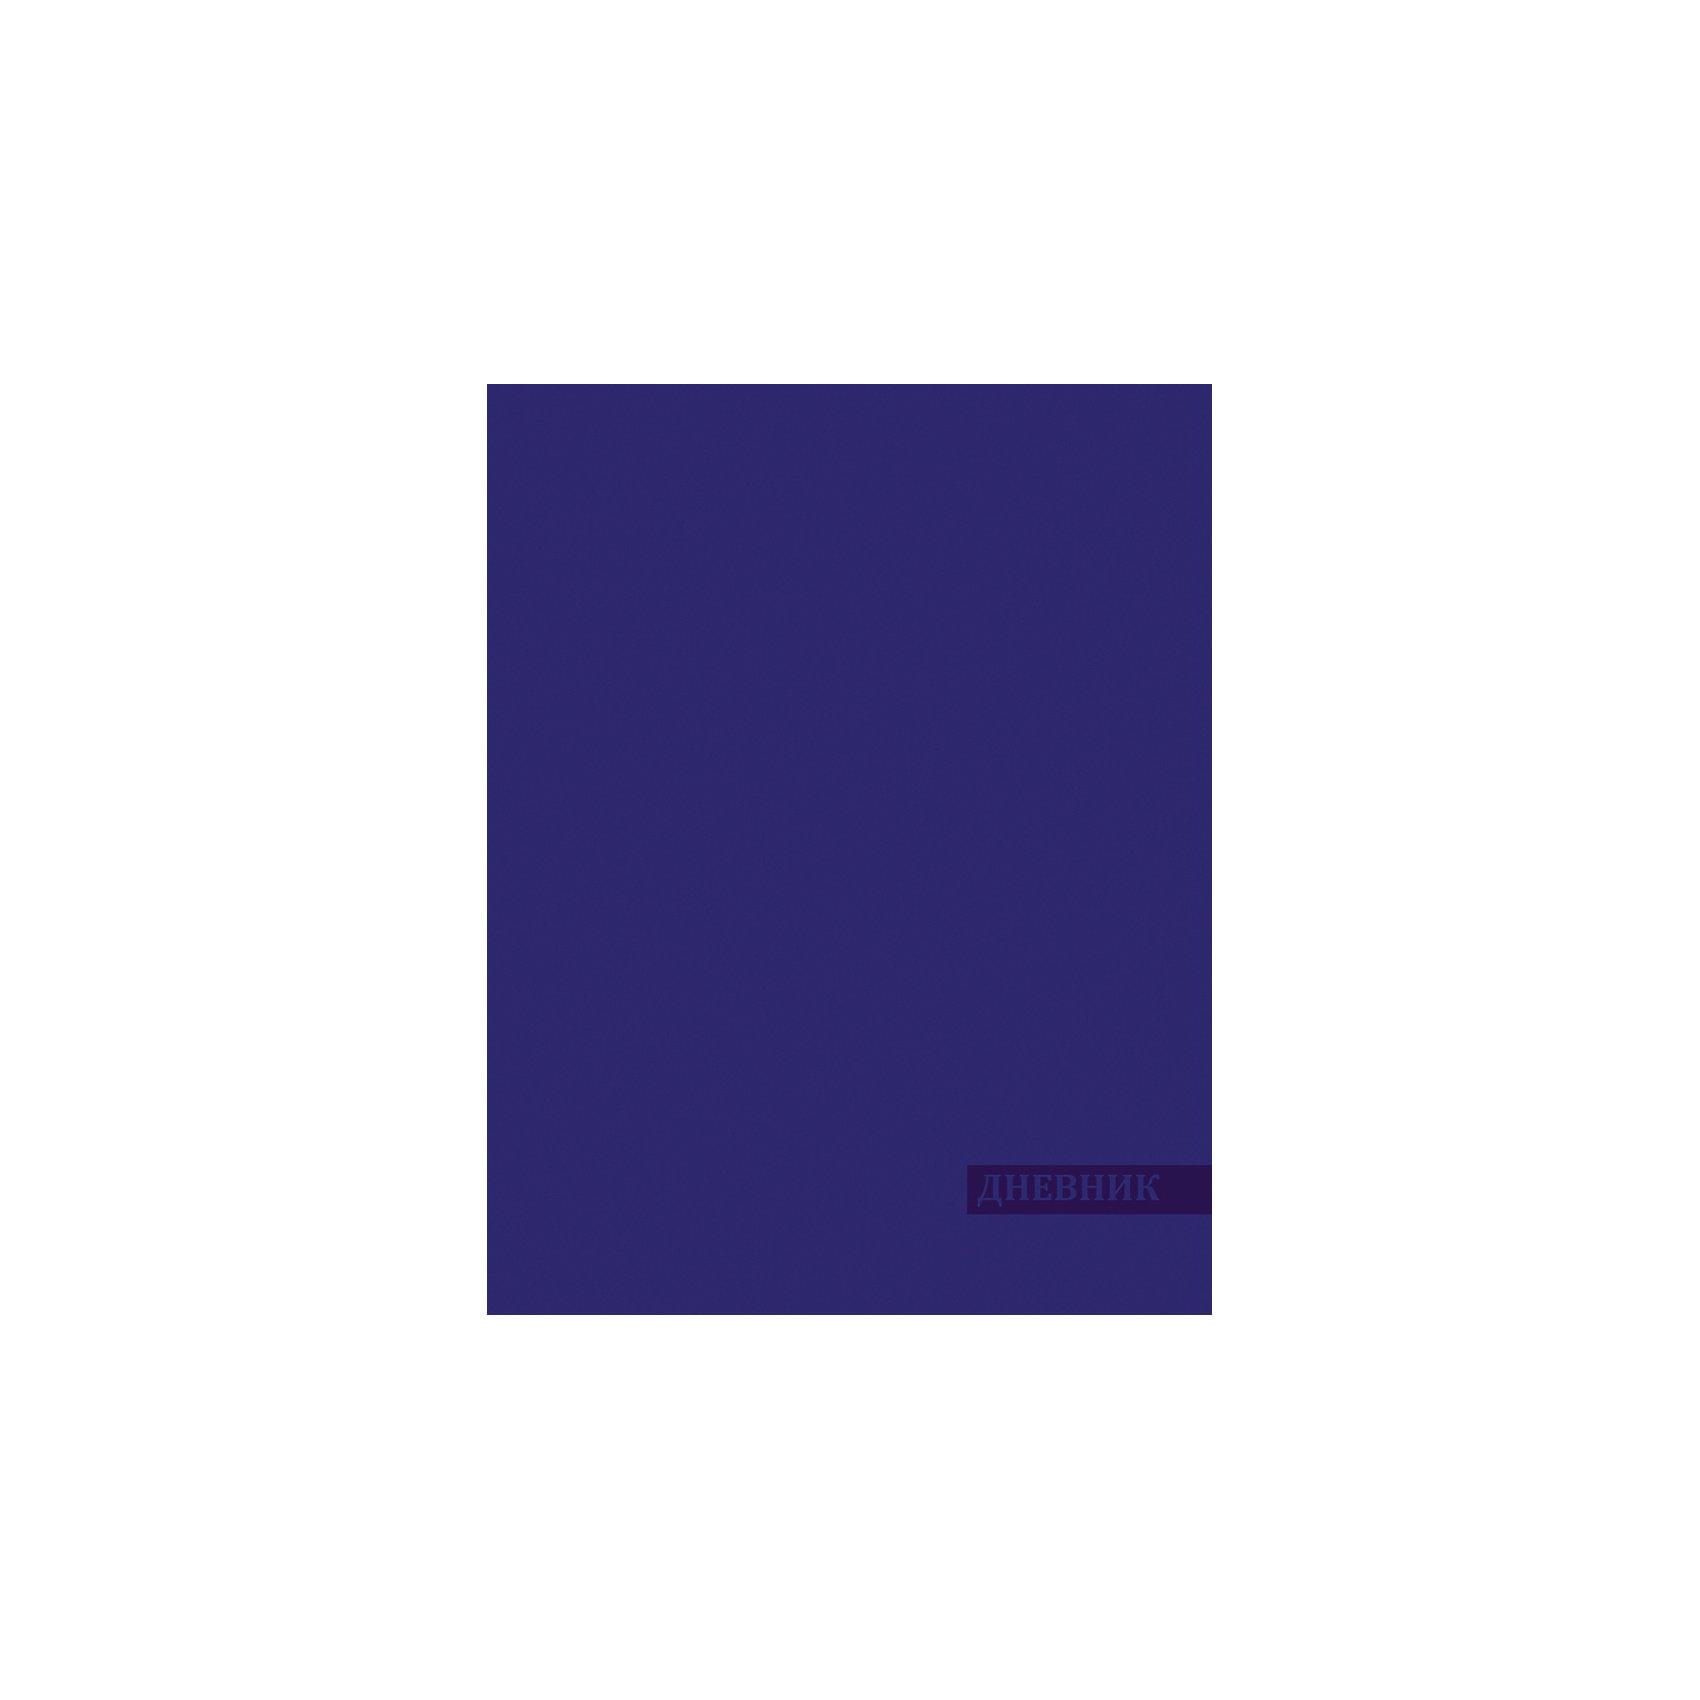 Дневник. Универсальный блок, твердая обложка, СинийБумажная продукция<br>Характеристики товара:<br><br>• возраст: от 6 лет;<br>• цвет: синий;<br>• формат: А5;<br>• количество листов: 96;<br>• разметка: в линейку;<br>• бумага: офсетная;<br>• переплет: твердый;<br>• обложка: картон;<br>• размер: 21,5х17х0,5 см.;<br>• вес: 200 гр.;<br>• страна бренда: Россия;<br>• страна изготовитель: Россия.<br><br>Дневник, универсальный блок, твердая обложка «Синий» - школьный дневник 1-11 классы, имеет сшитый внутренний блок, состоящий из 96 листов белой бумаги (плотность 70г/кв.м.) с линовкой синего цвета и тиснением из фольги. Прочная и приятная на ощупь обложка выполнена с ипользованием итальянских переплетных материалов.<br><br>В дневнике содержится дневника вся необходимая справочная информация, которая поможет организовать учебный процесс.<br><br>Дневник - это первый ежедневник вашего ребенка. Он поможет ему не забыть свои задания, а вы всегда сможете проконтролировать его успеваемость.<br><br>Дневник, универсальный блок, твердая обложка «Синий», 96 листов, можно купить в нашем интернет-магазине.<br><br>Ширина мм: 215<br>Глубина мм: 170<br>Высота мм: 5<br>Вес г: 208<br>Возраст от месяцев: 36<br>Возраст до месяцев: 216<br>Пол: Унисекс<br>Возраст: Детский<br>SKU: 6992551